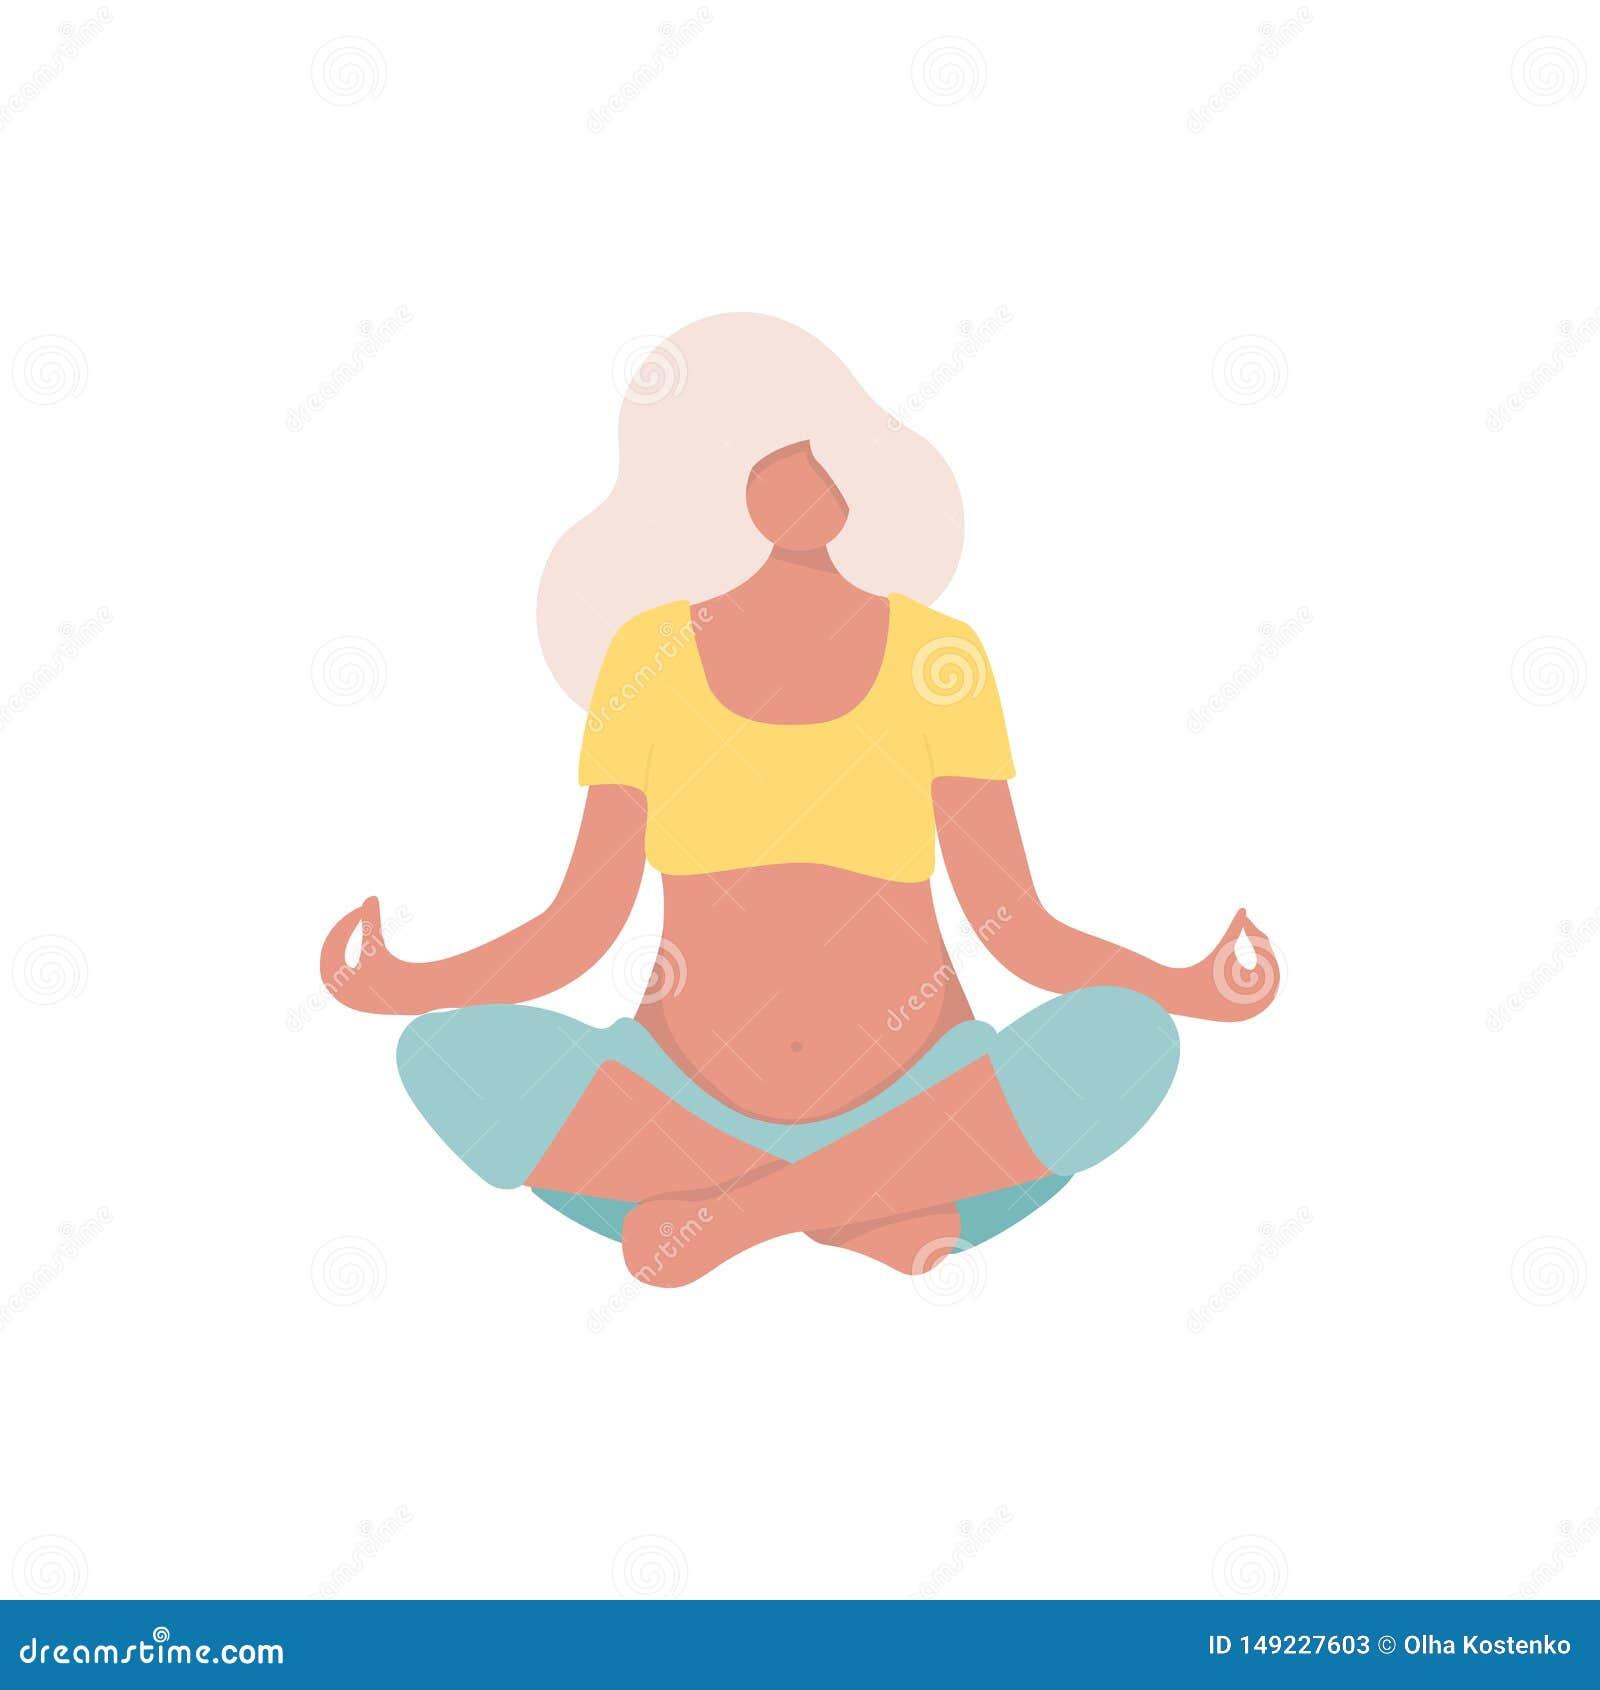 Pose gr?vida da ioga para o est?dio da ioga